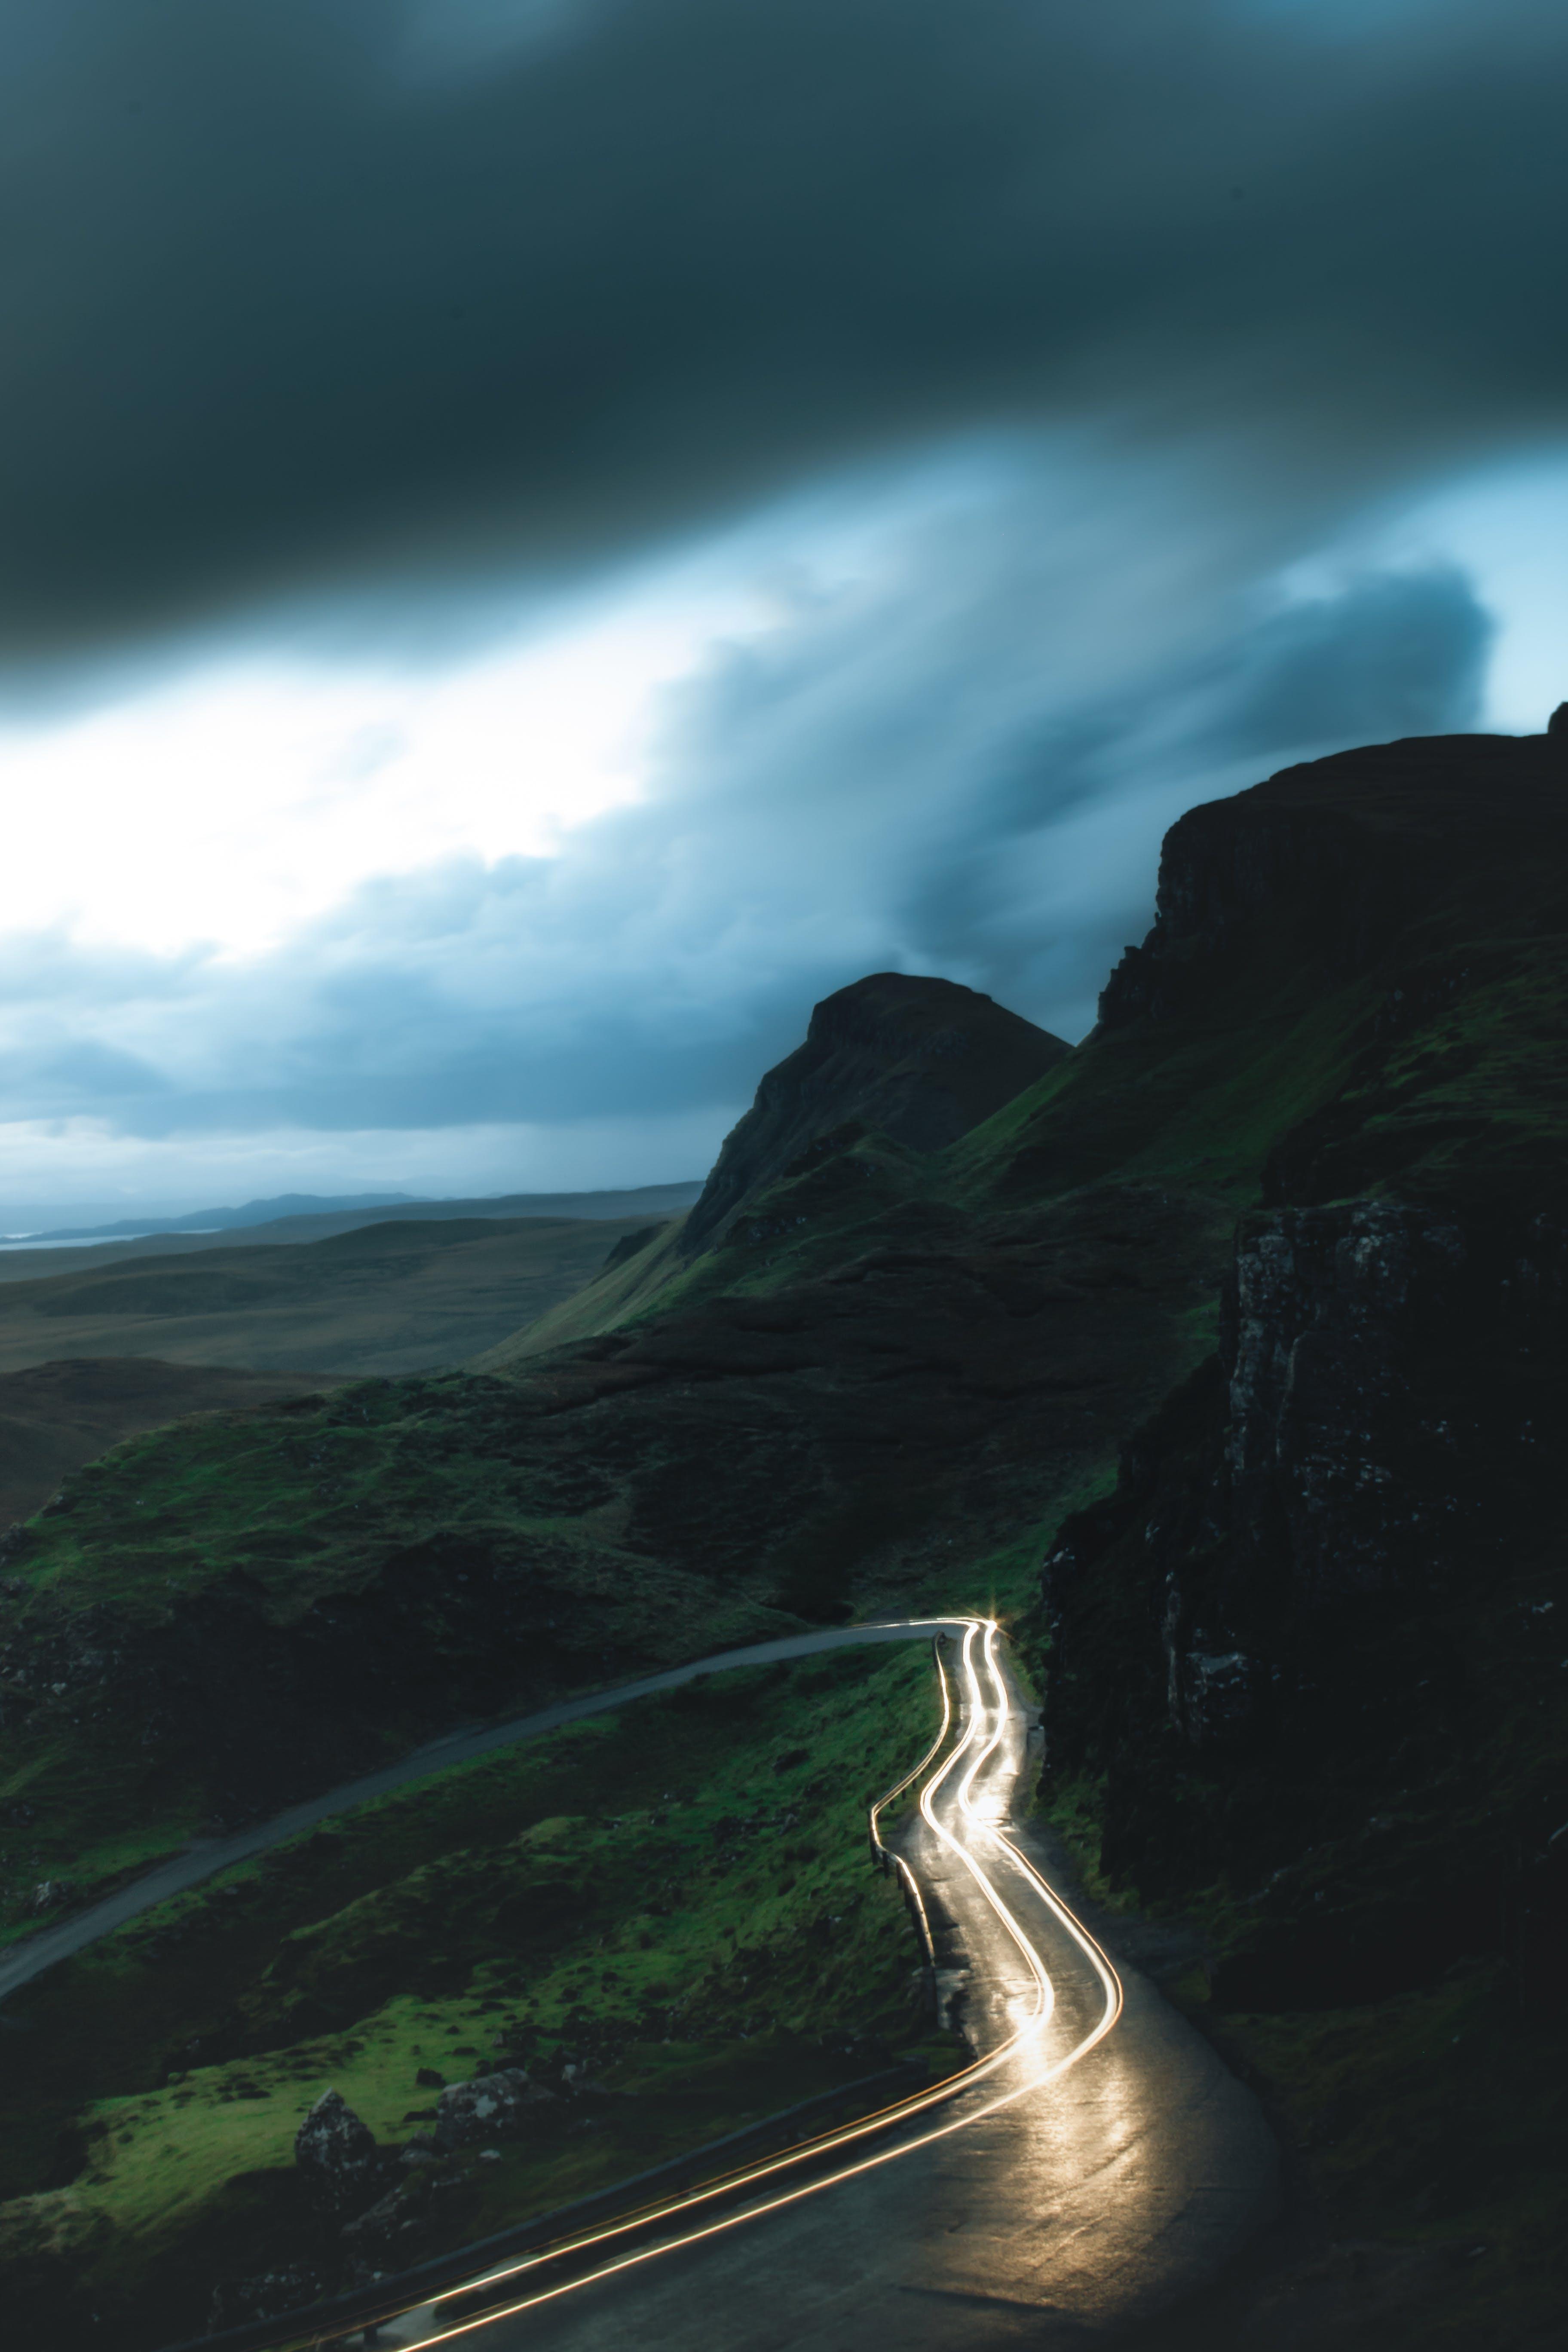 光, 剪影, 天性, 天空 的 免费素材照片